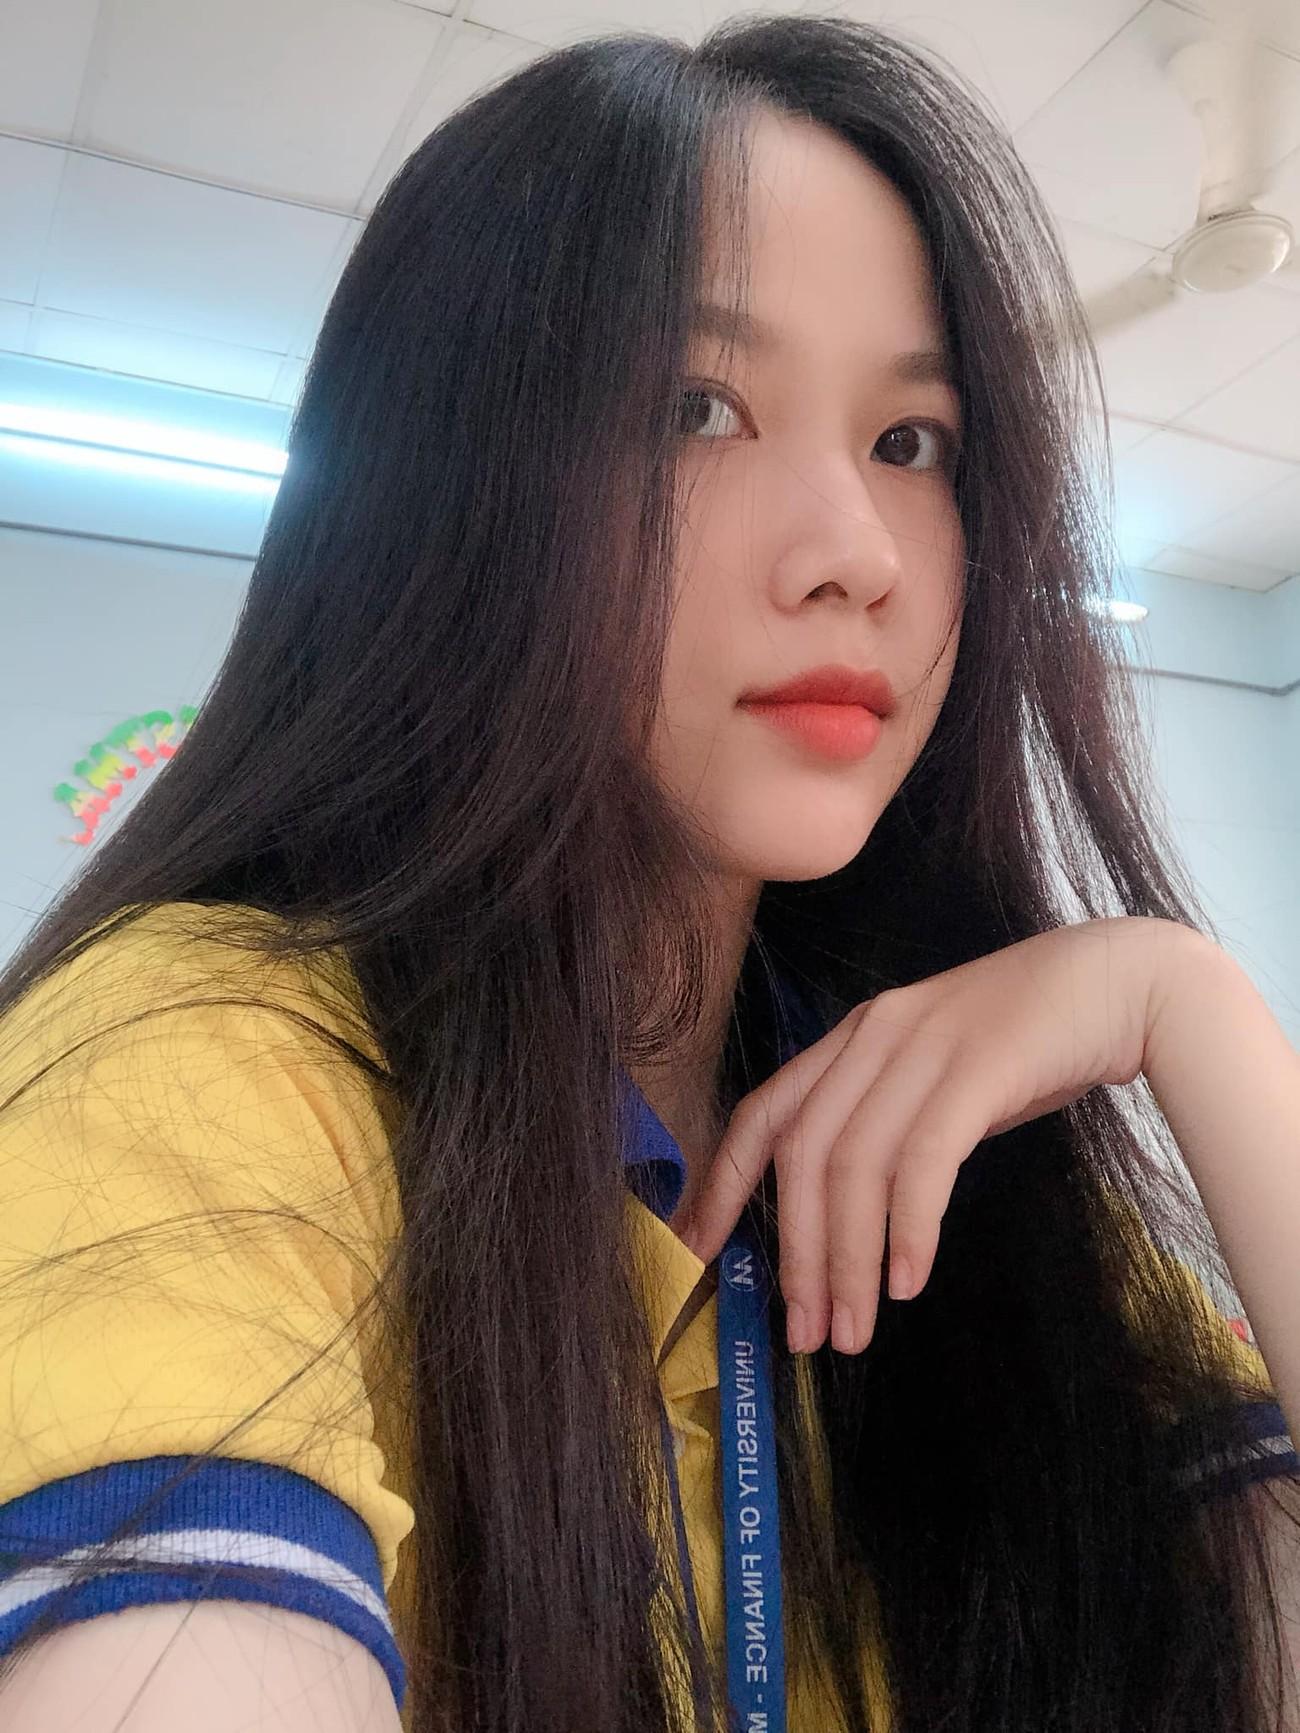 Ảnh cấp 3 cực xinh đẹp của 'Người đẹp có làn da đẹp nhất' Hoa hậu Việt Nam 2020 ảnh 12